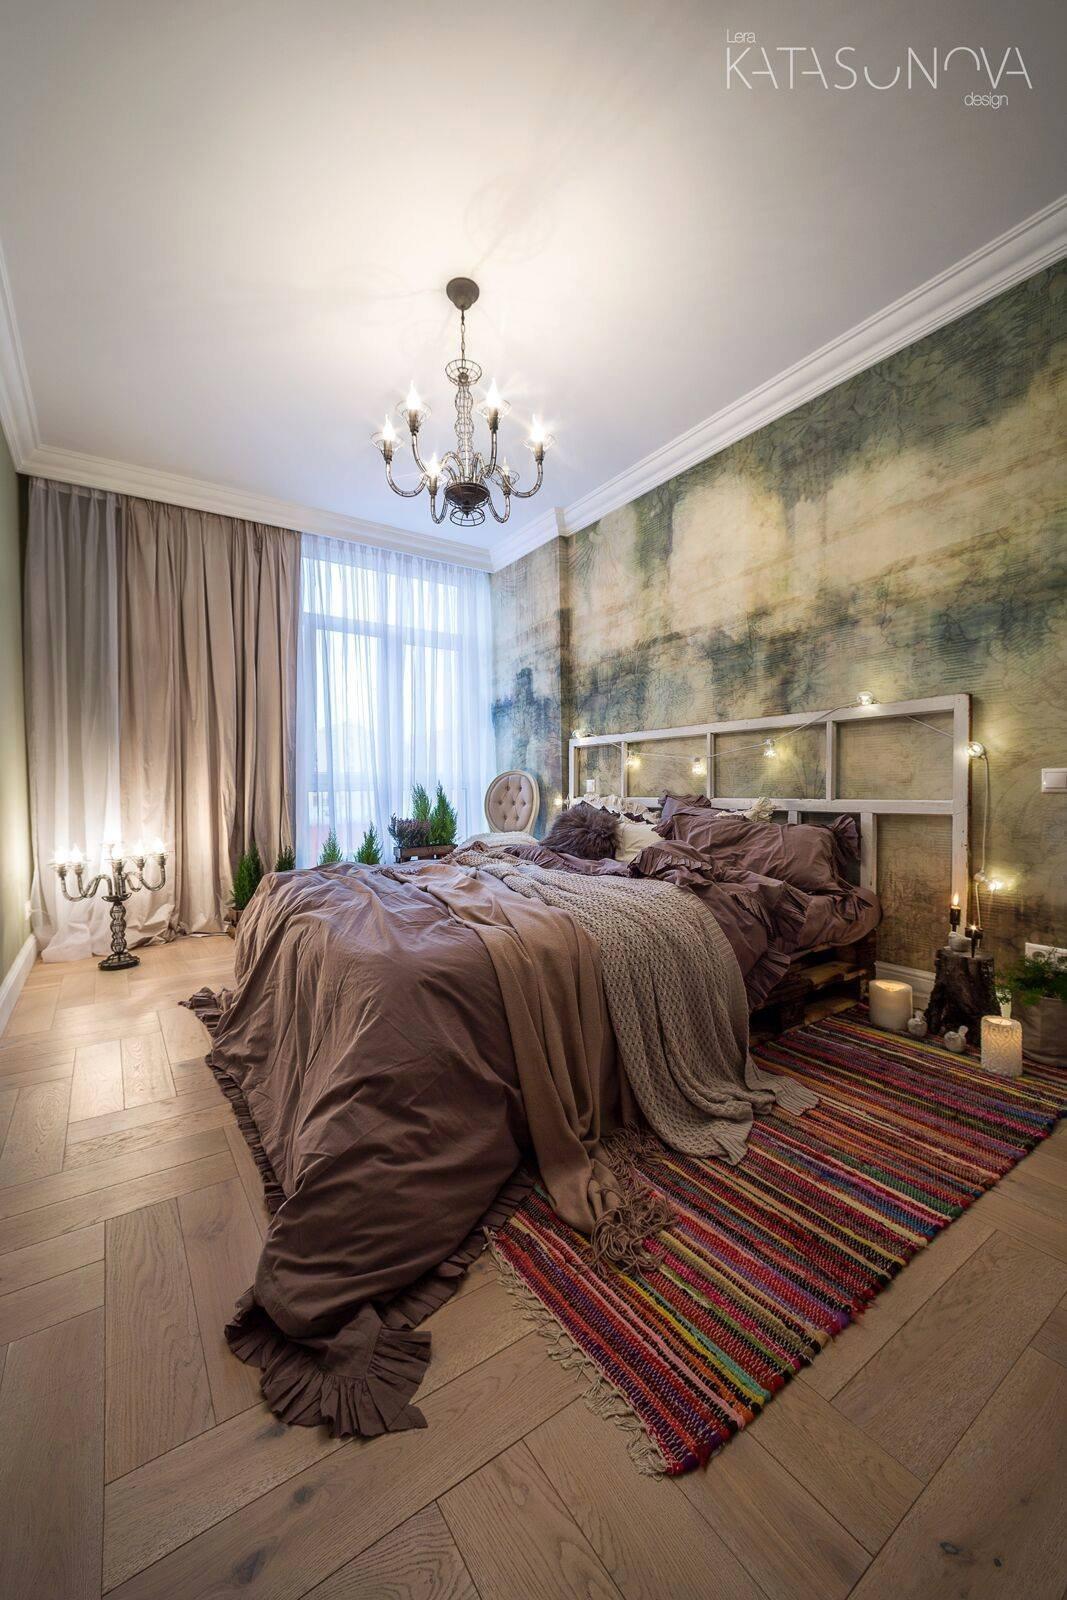 Eklektický styl patří k těm nejosobitějším stylům. Málokdo ho dokáže ve vší úctě k estetice vytvořit a málokdo se v něm cítí jako doma. Zvykli byste si na bydlení v interiéru, který vám teď představím? O notnou dávku luxusu, barev a experimentů vážně nemá nouzi.